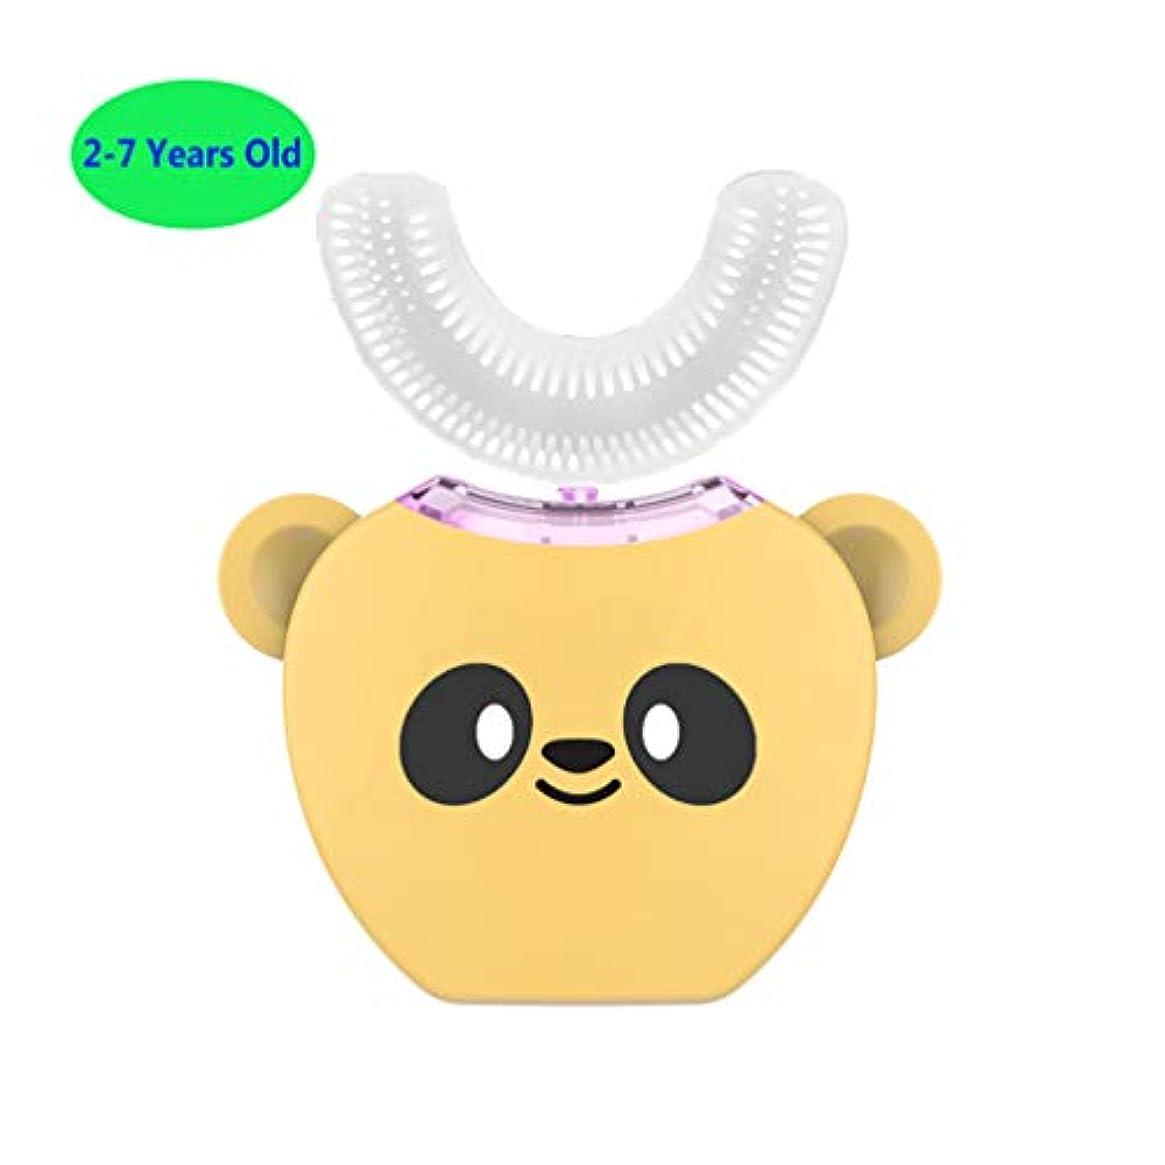 子供のためのフルオートの電動歯ブラシ、360°超音波電動歯ブラシ、冷光、美白装置、自動歯ブラシ、ワイヤレス充電ドック,Yellow,2/7Years